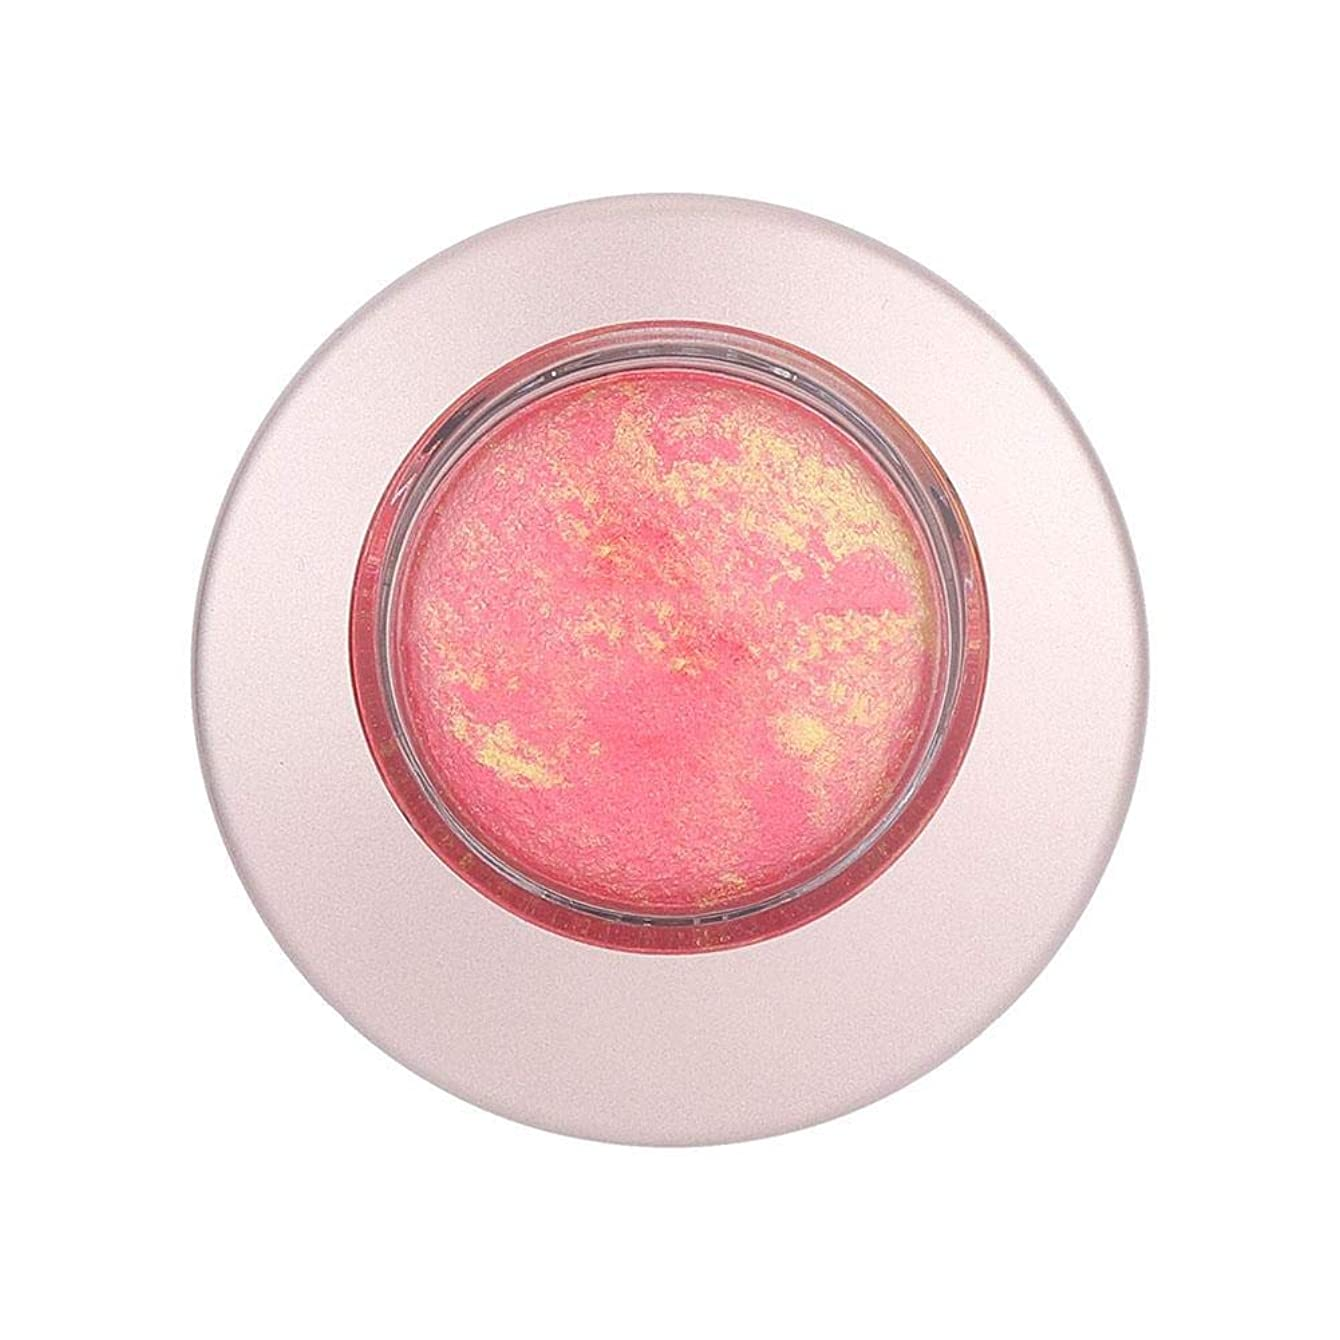 一ローズ道路10g 長続きがする 単一色のほお紅の保湿の明るくなる赤面の粉の表面構造(808)